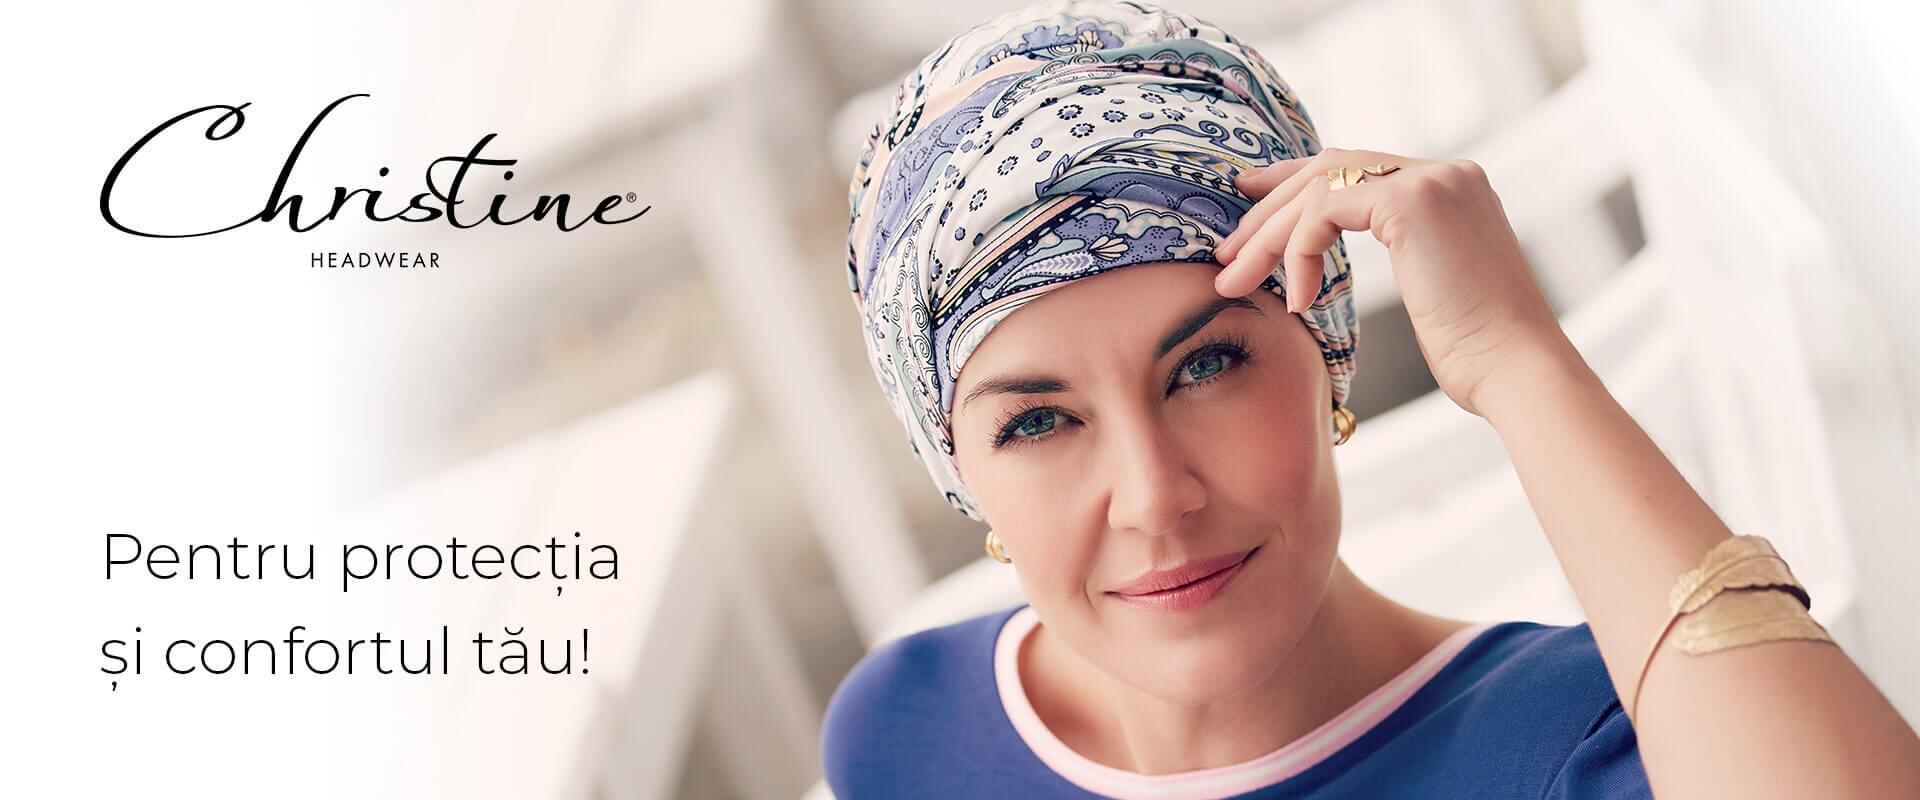 Confortabil si Elegant - Turbane Christine Headwear